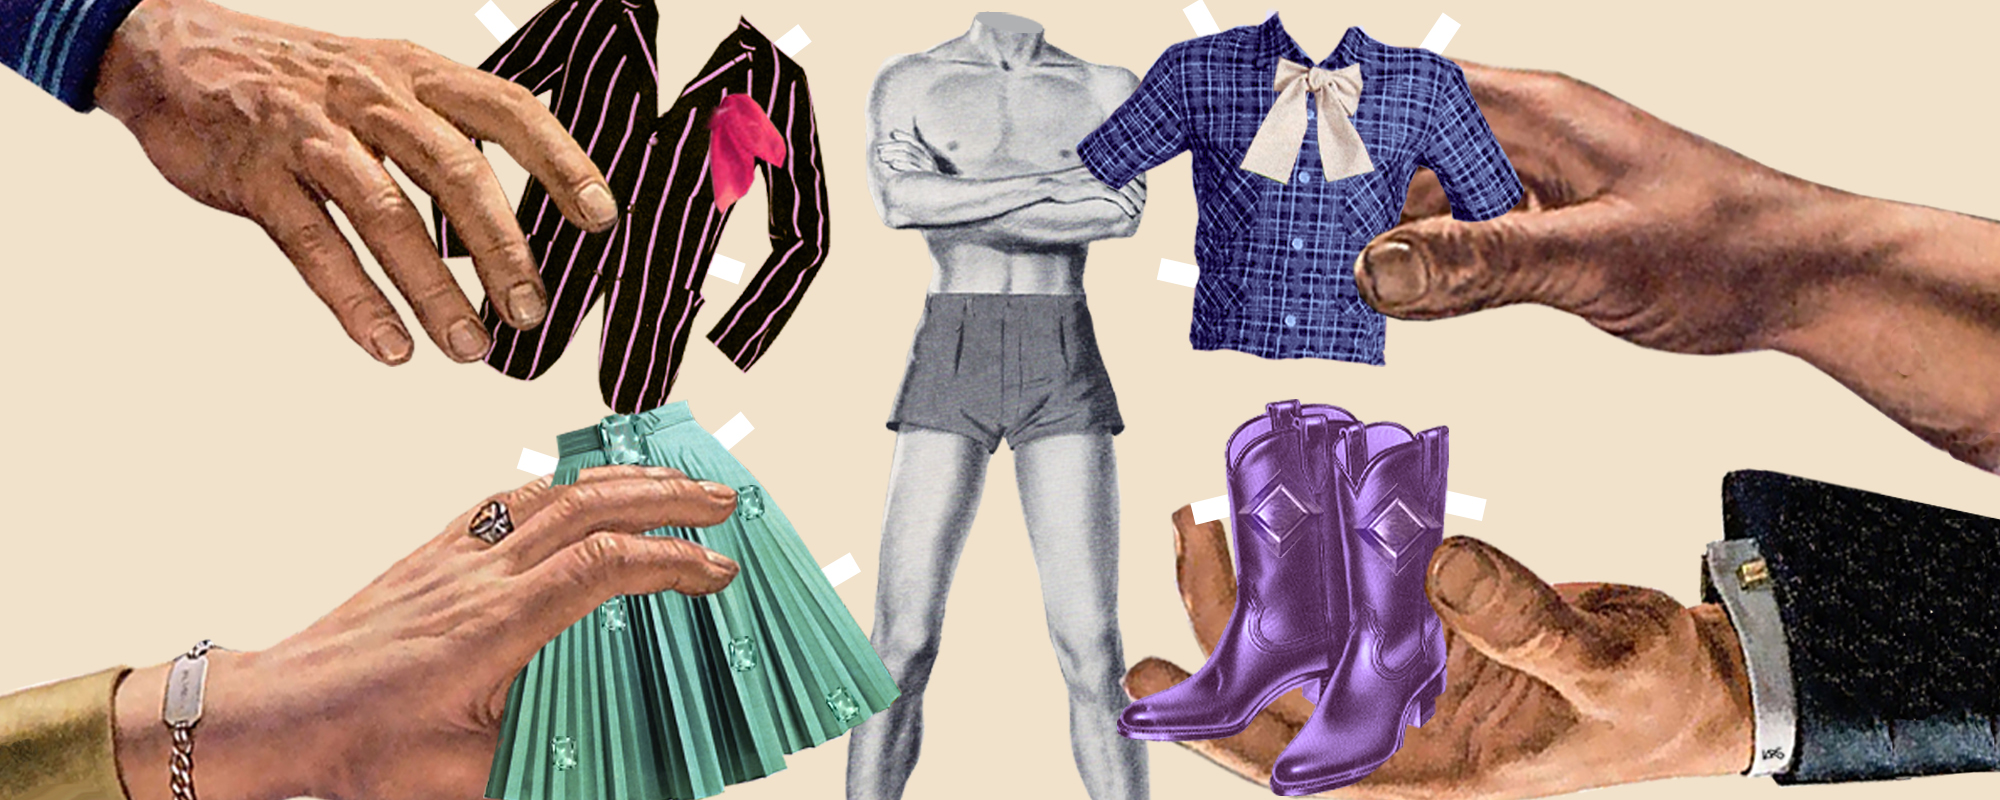 Masculinidades, imaginación y prácticas culturales - Alfredo Ramos